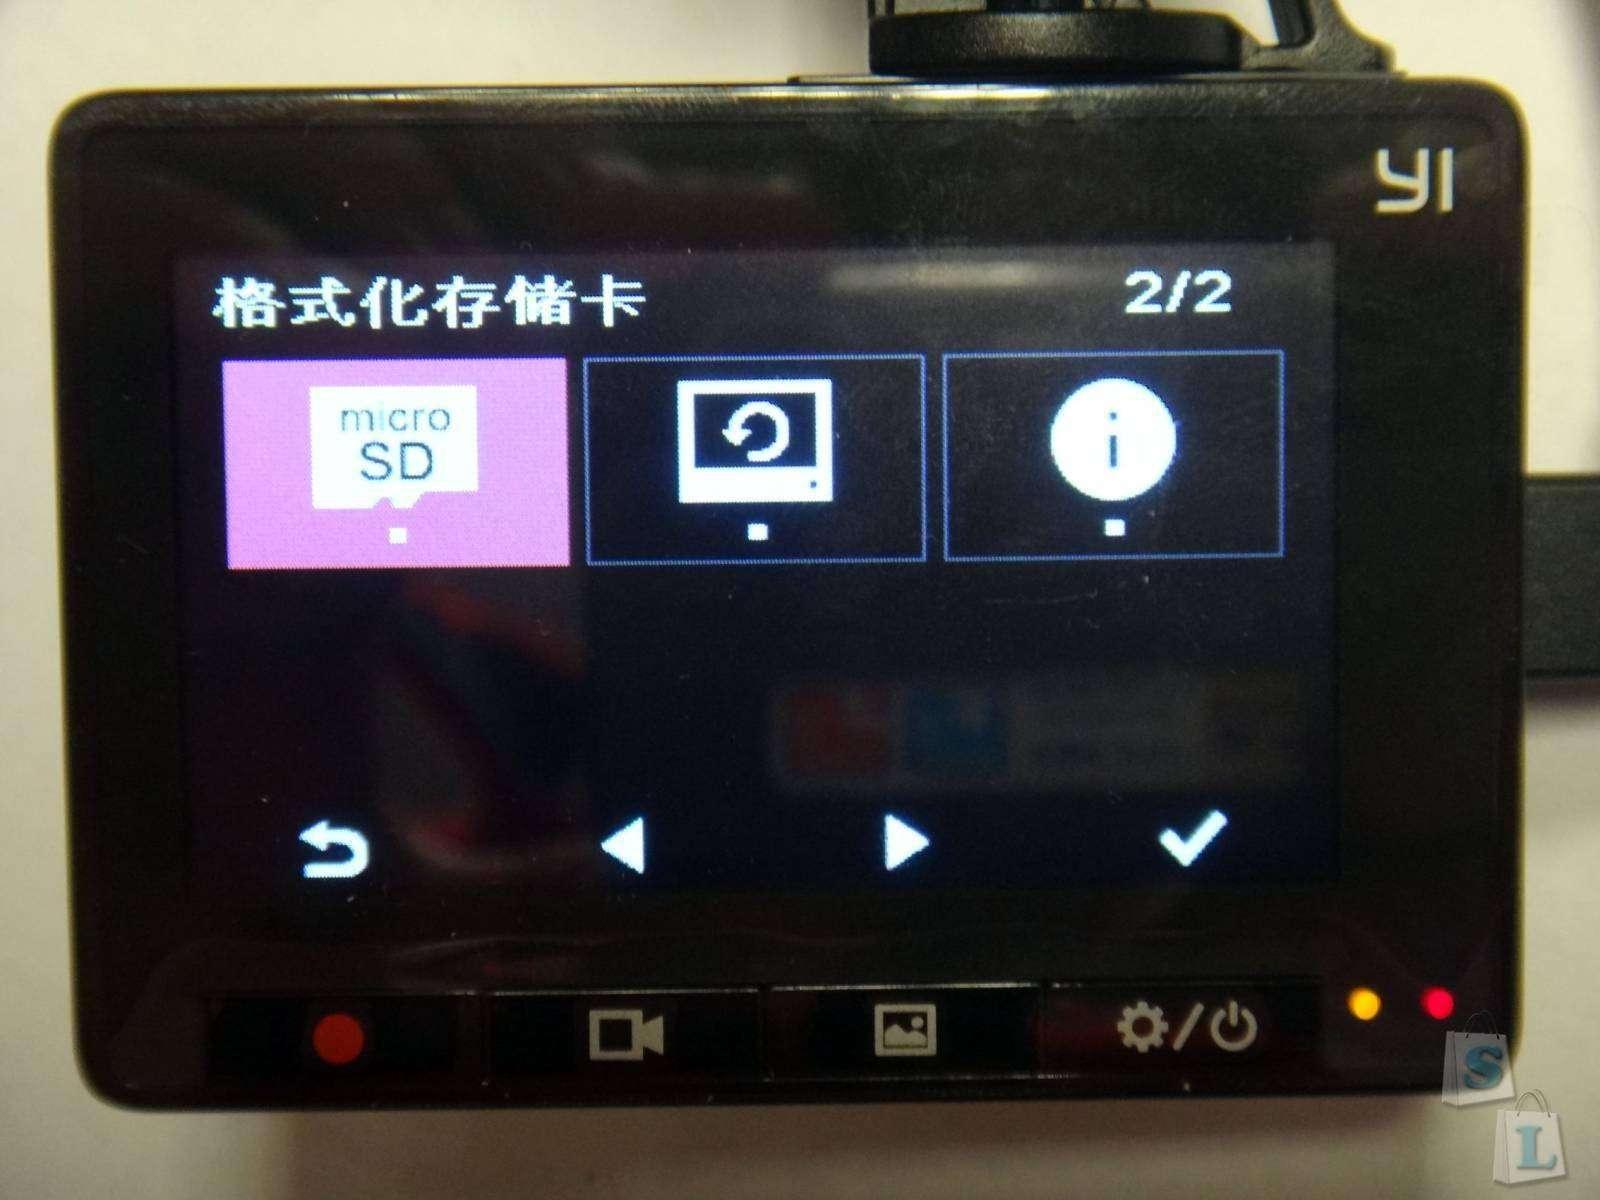 Aliexpress: Обзор Xiao Yi 1080P Car - автомобильный регистратор с WiFi от Xiaomi